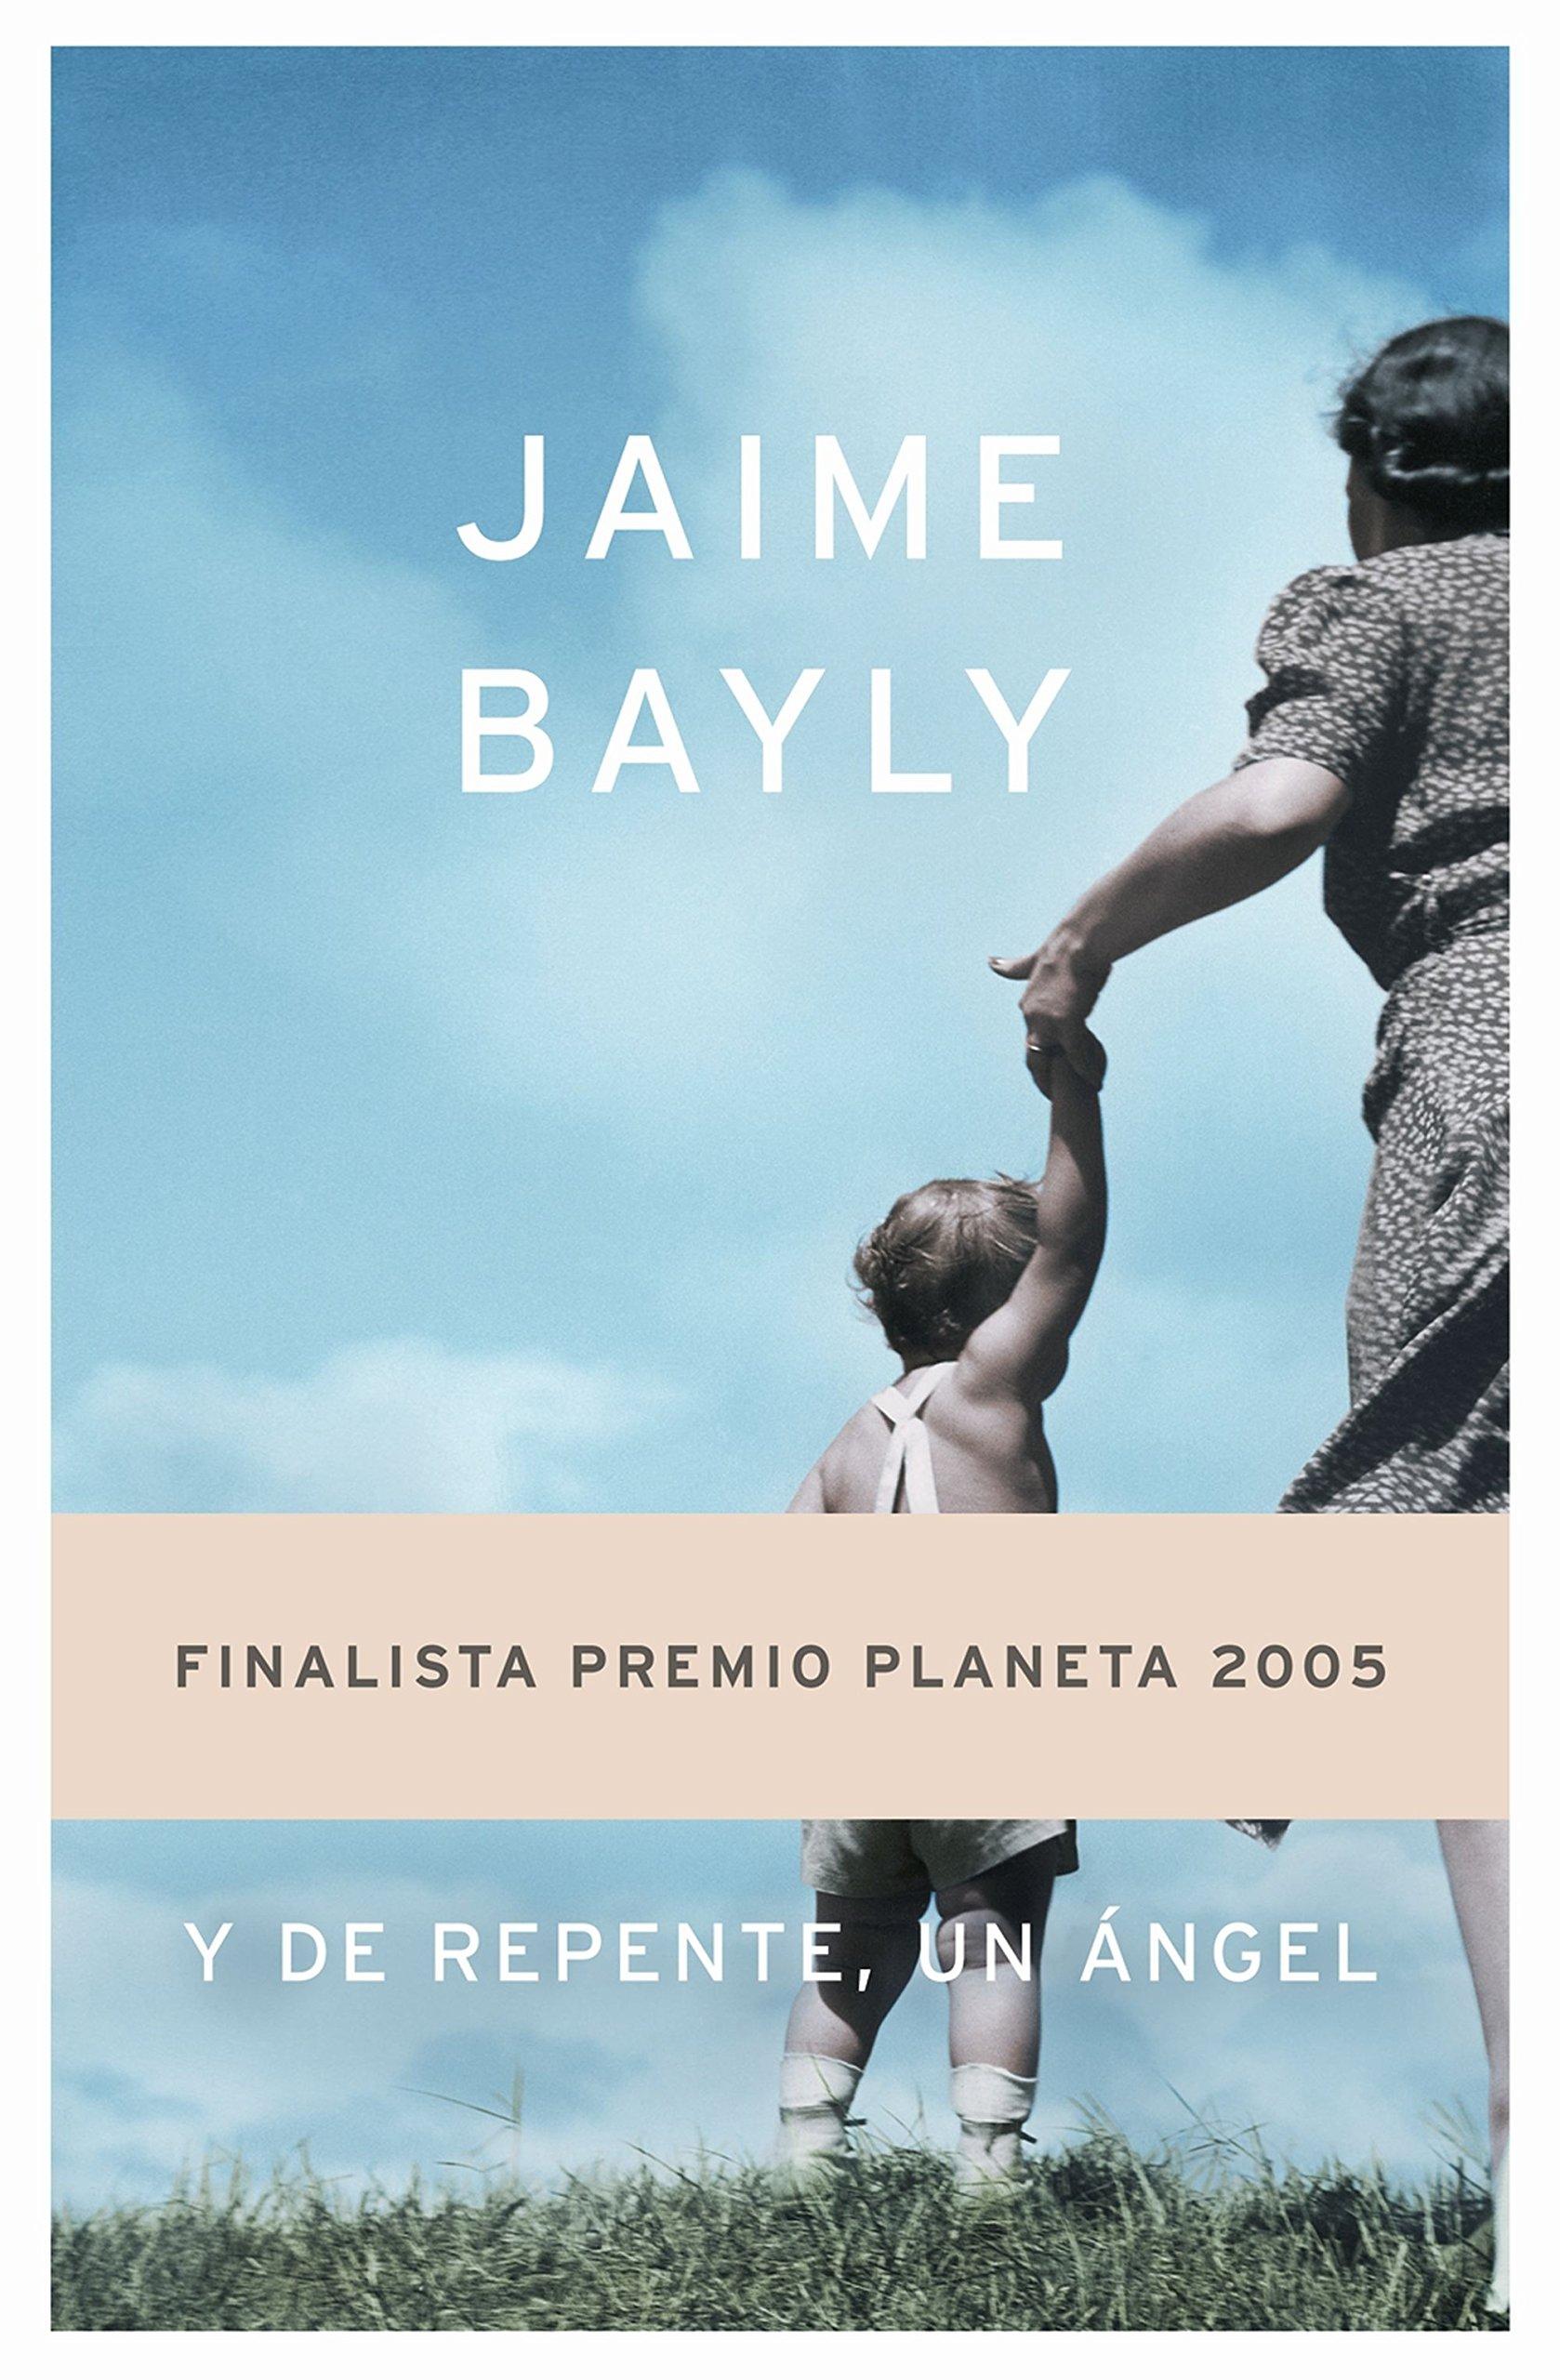 Y De Repente Un Angel Spanish Edition Bayly Jaime 9788408063124 Amazon Com Books El recordado niño terrible cumple en noviembre del presente 30 años en la televisión y, aunque piensa en retirarse, siente que la televisión es una de sus mejores adicciones. y de repente un angel spanish edition